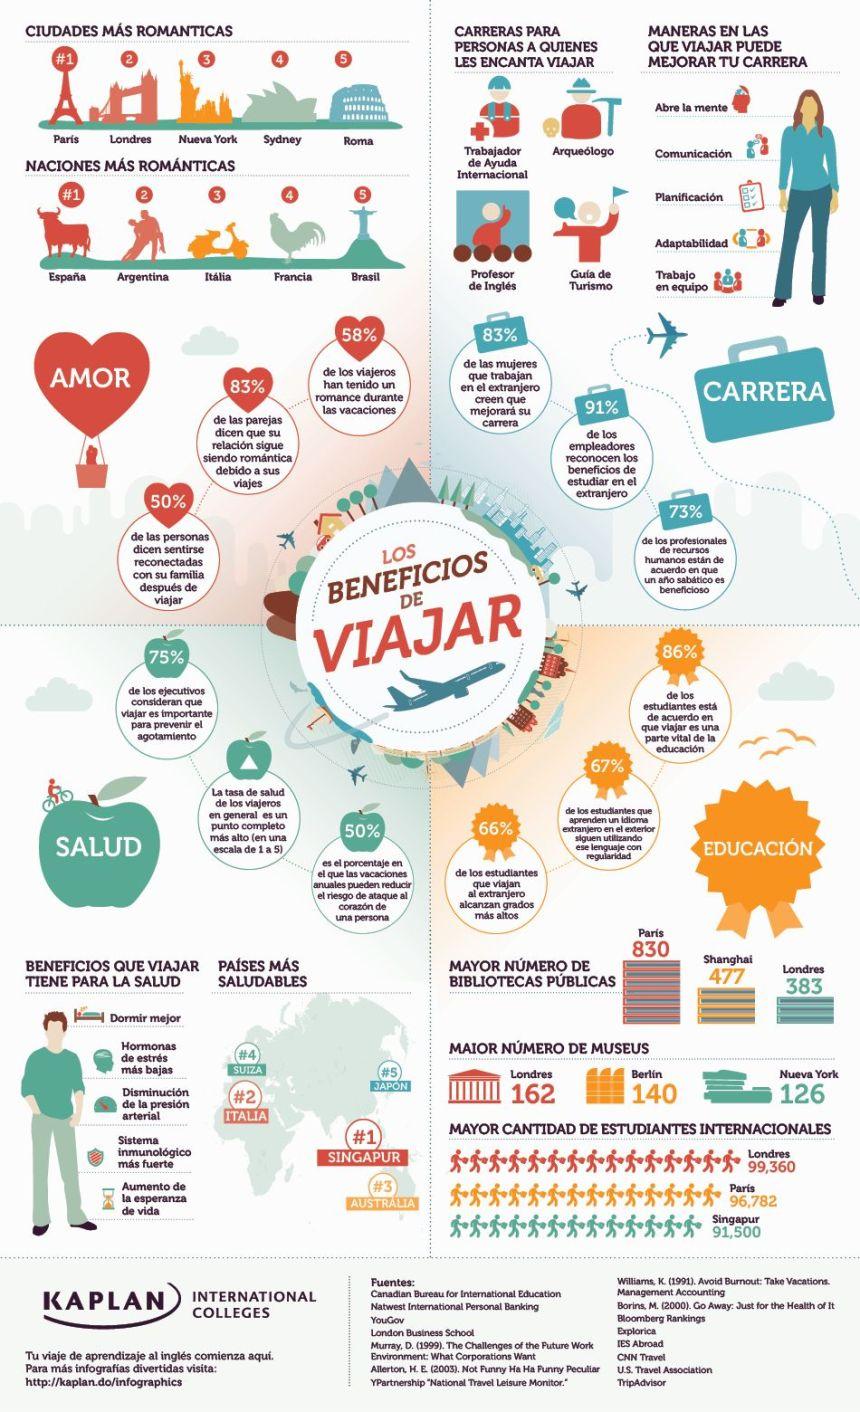 Los beneficios de viajar